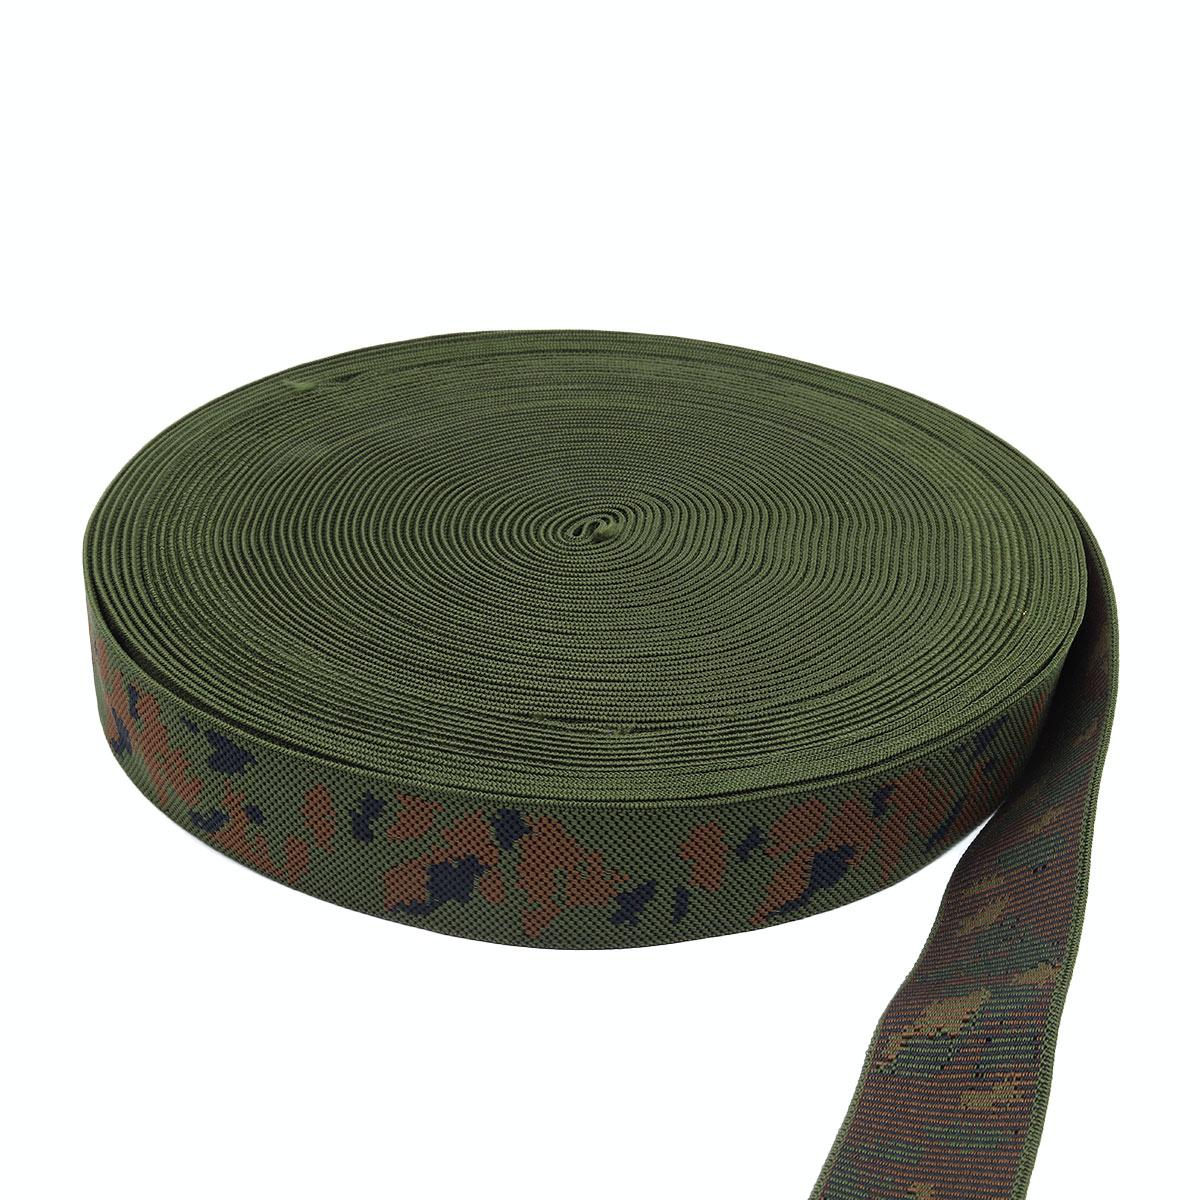 3340 Тесьма эластичная для подтяжек Камуфляж 40мм*25м, 158оливк./1корич./чер.